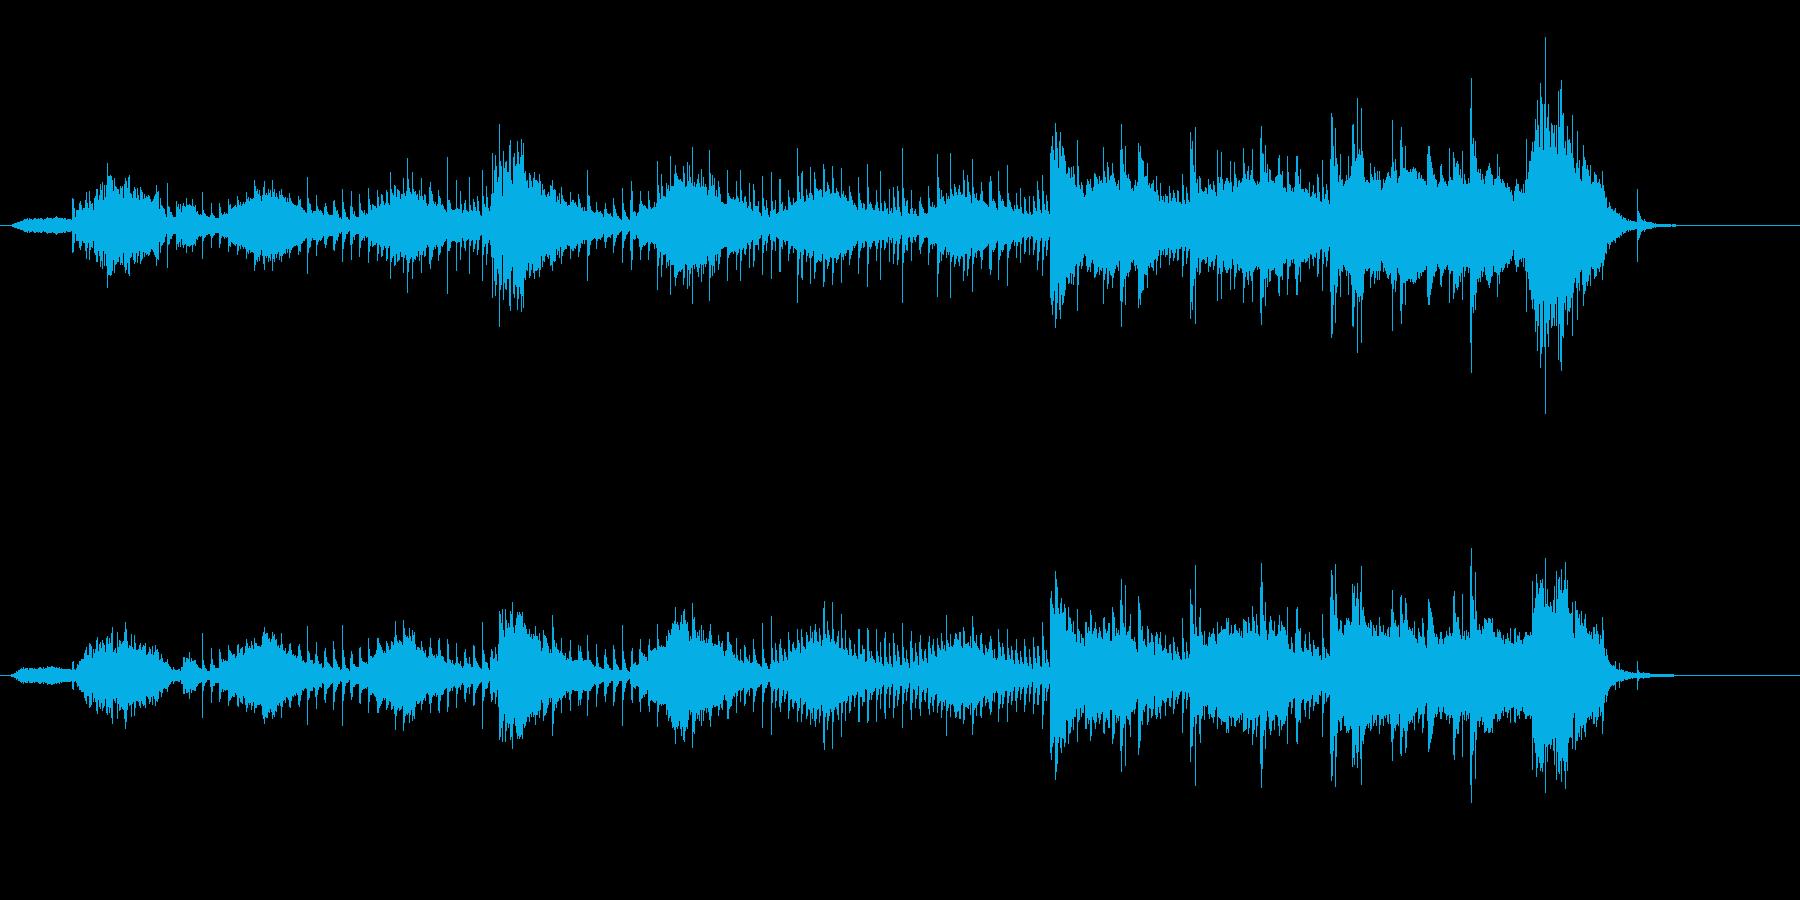 メランコリックで無機質な調べの再生済みの波形